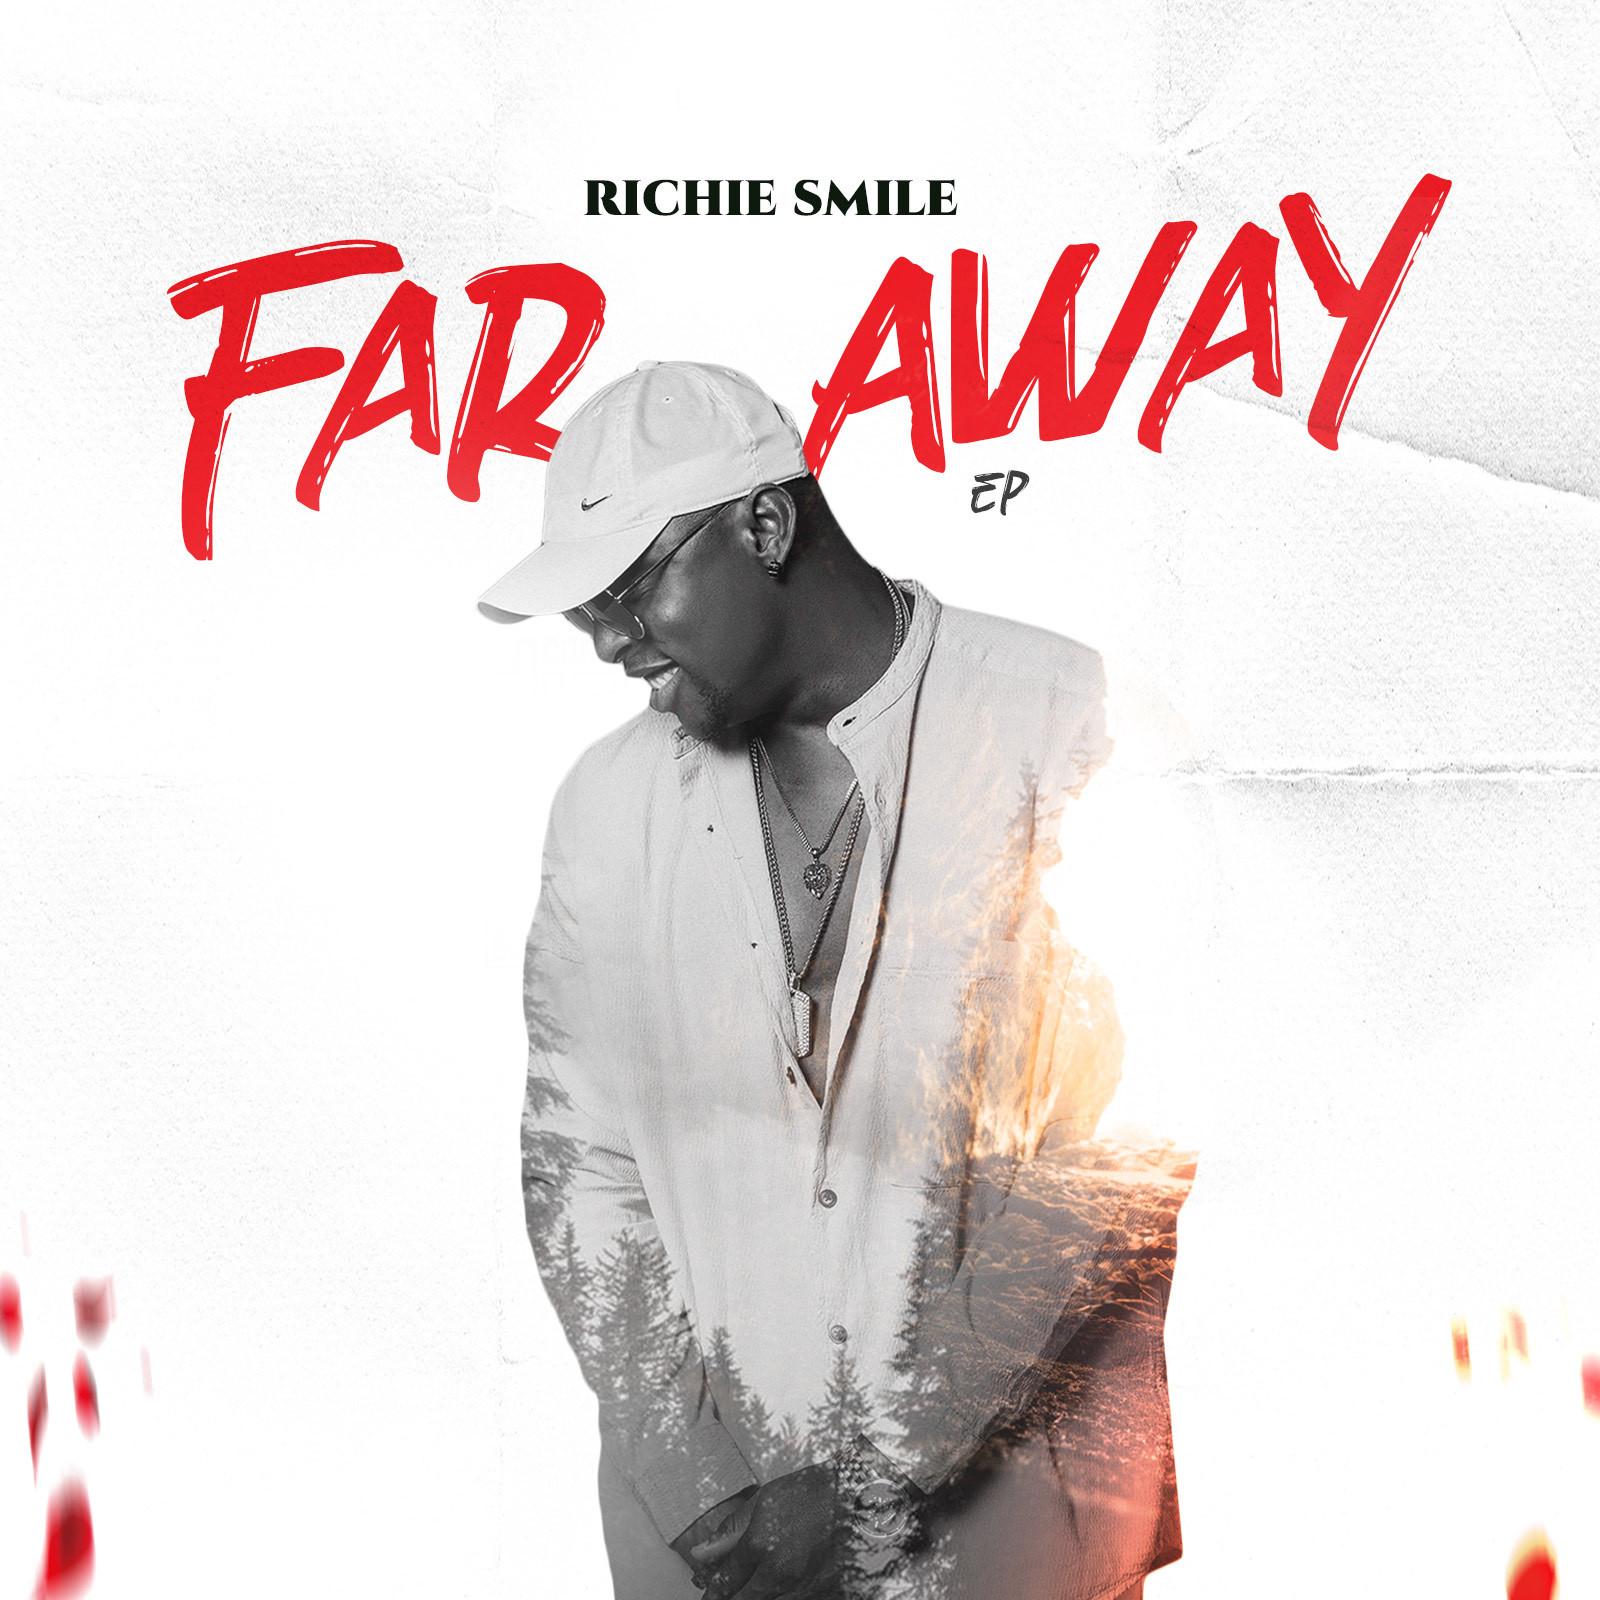 Richie Smile  Far Away EP